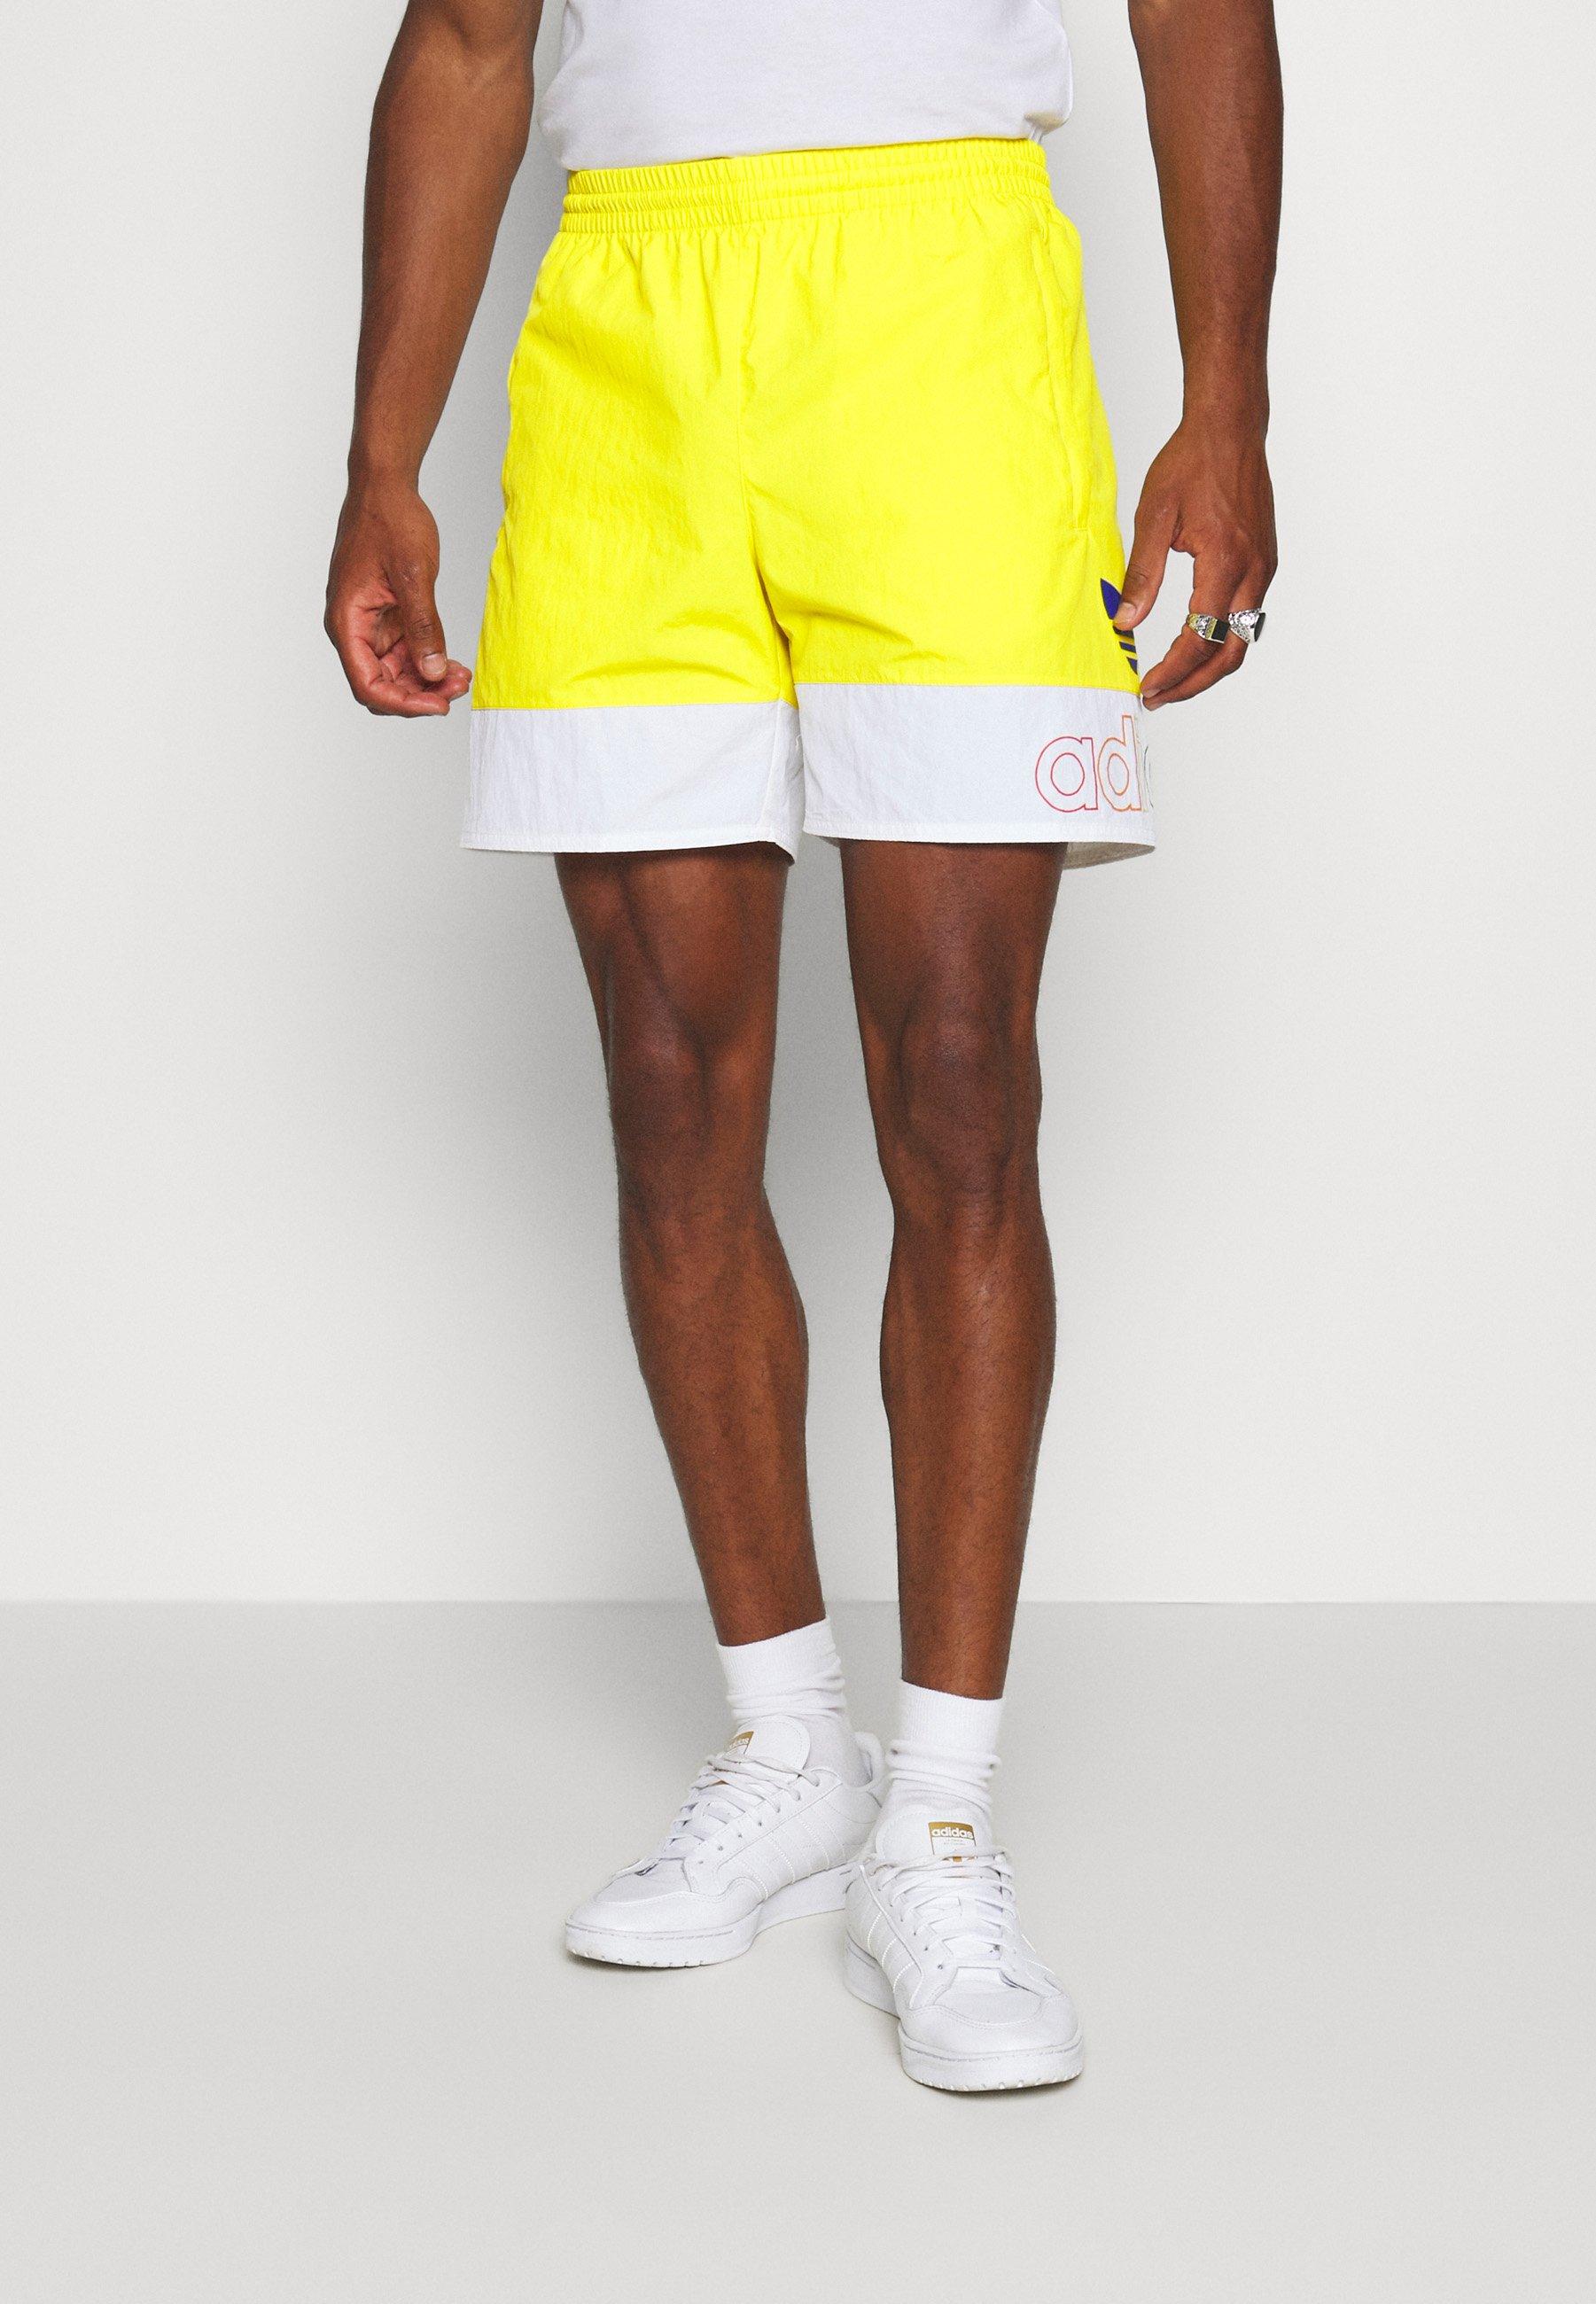 FREESTYLE - Short - yellow/white